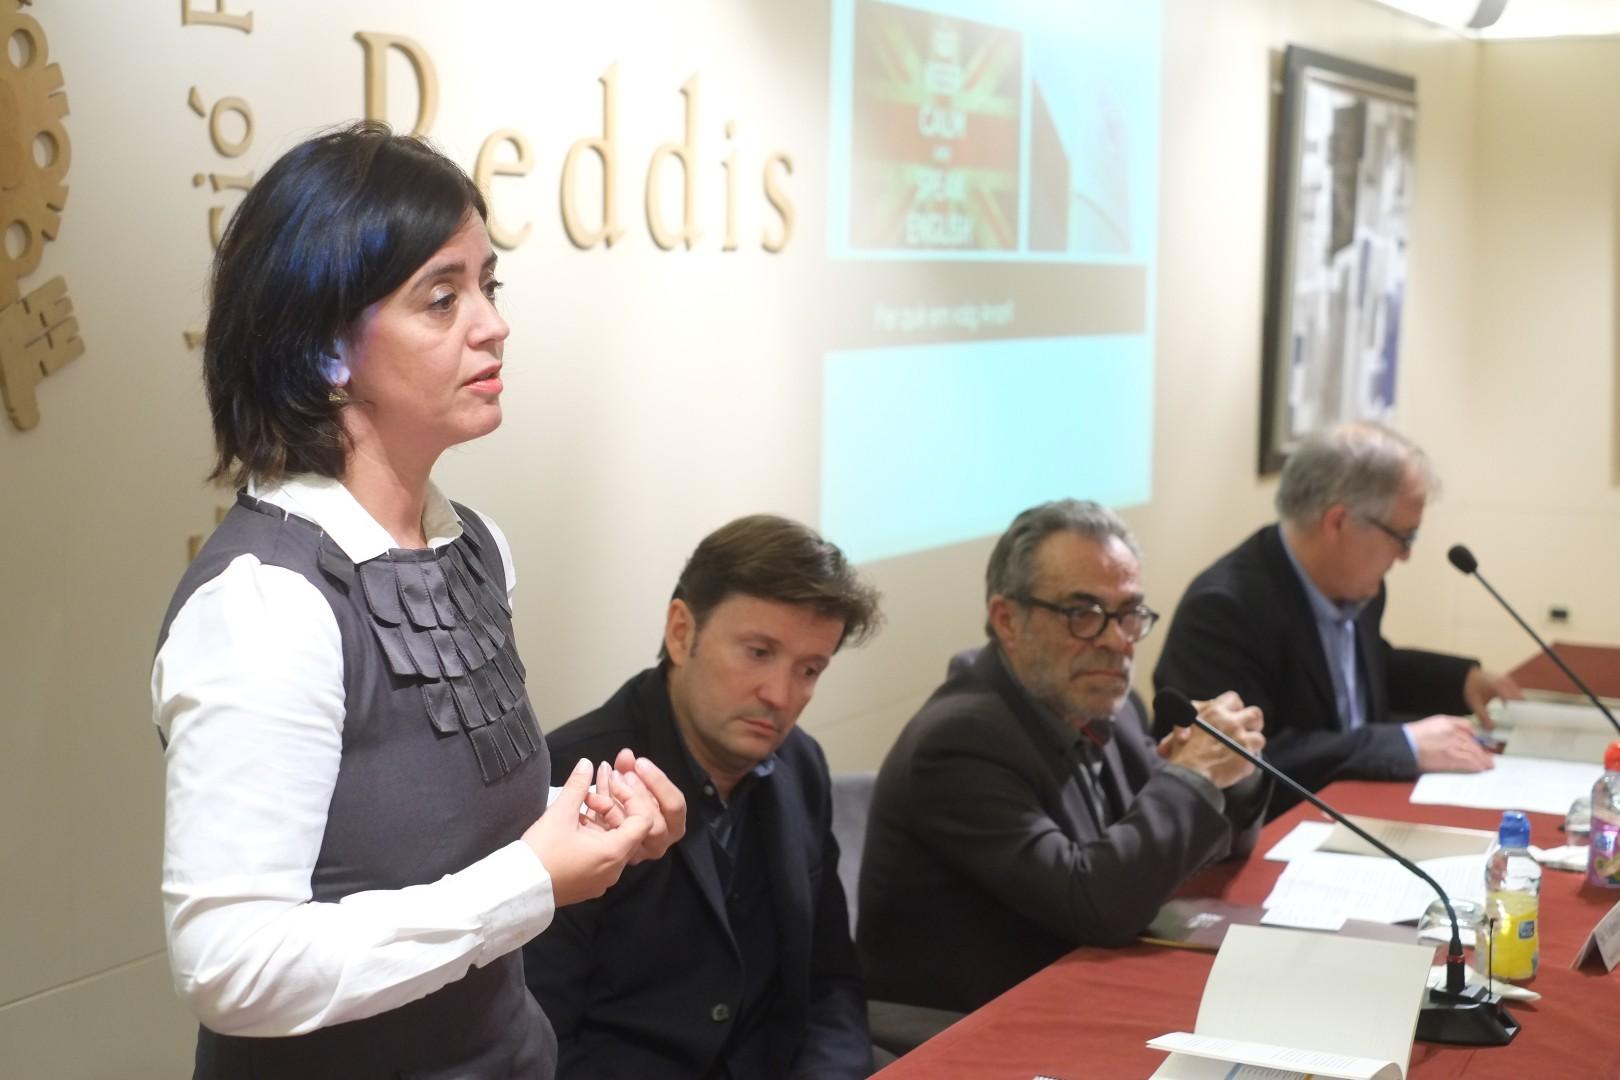 L'exestudiant Immaculada Vázquez va parlar sobre la importància de la mobilitat.